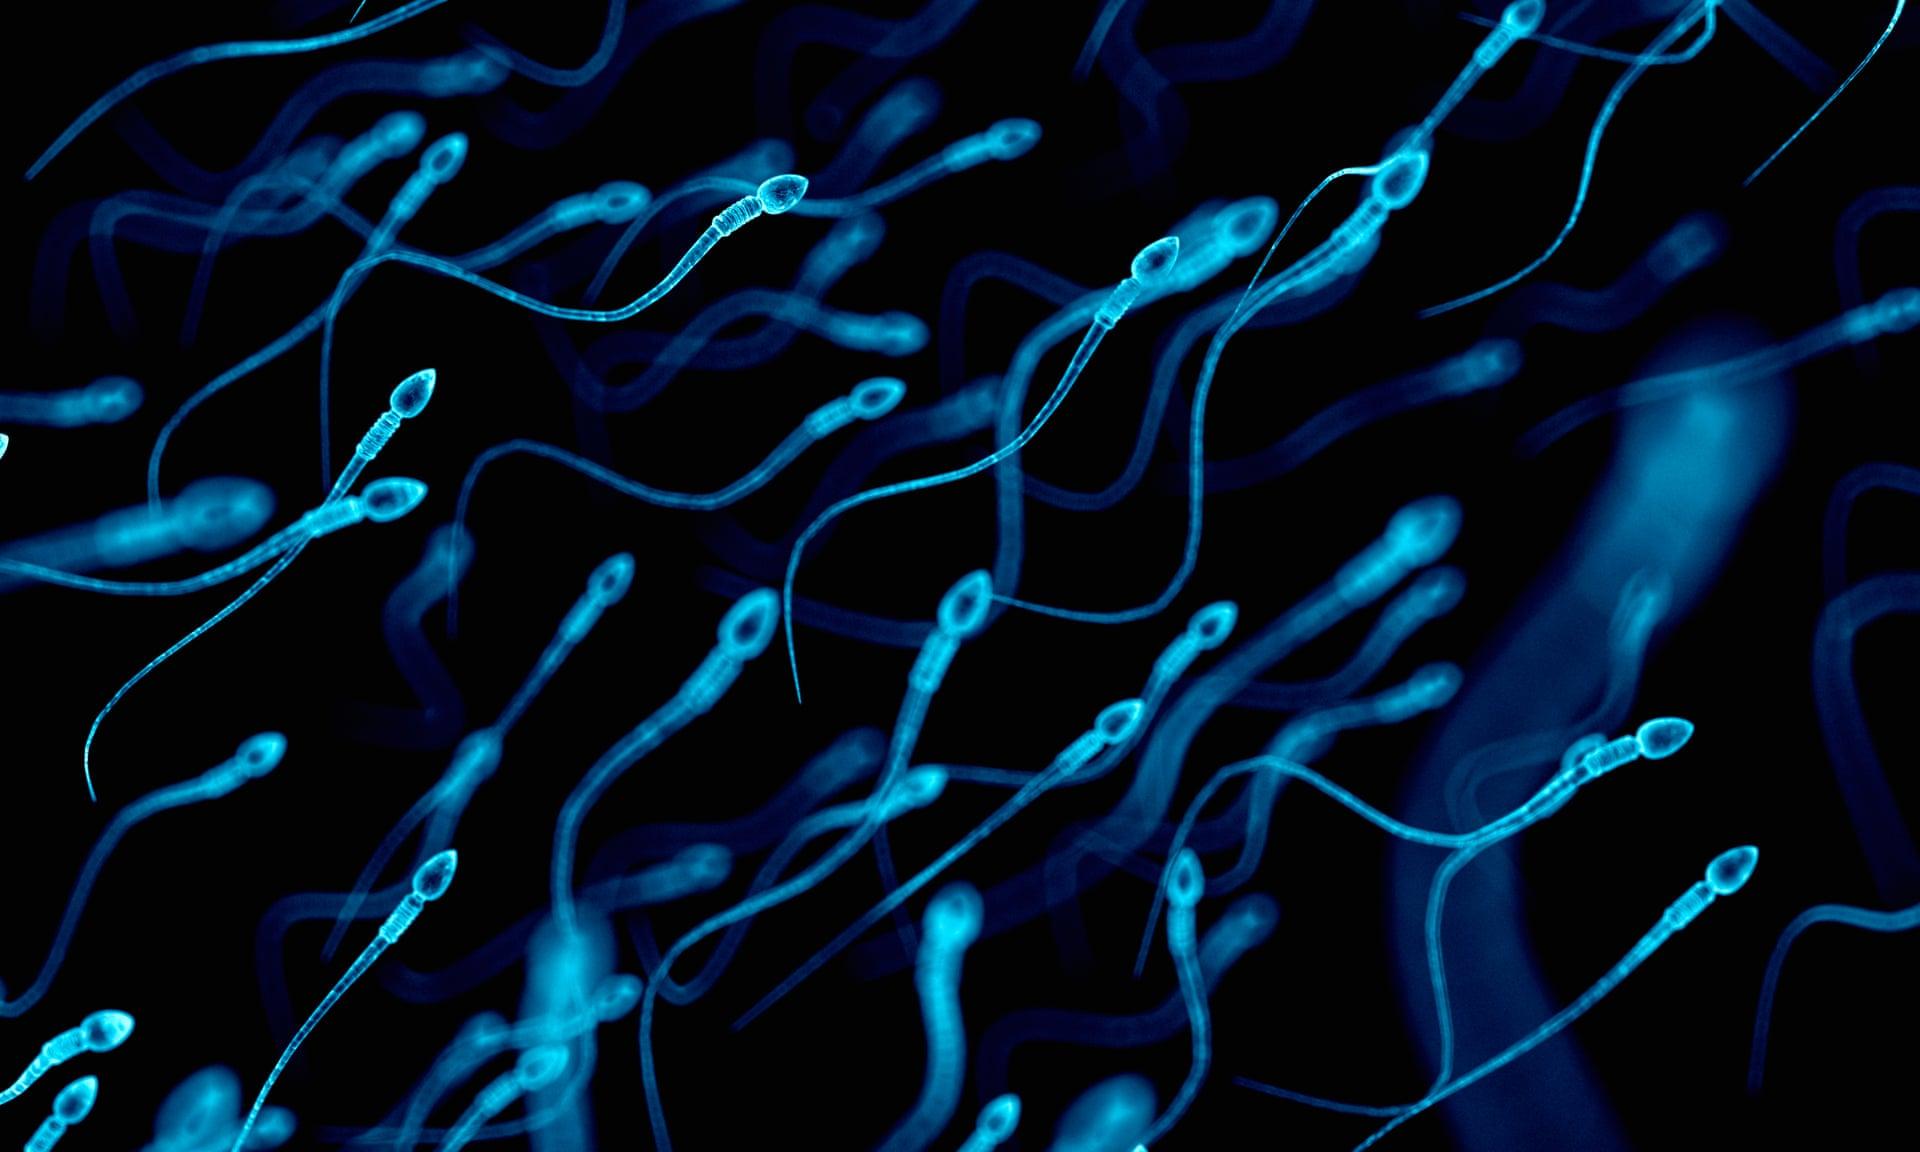 Испытания сперматозоидов у мужчин и быков показали, что более слабые сперматозоиды попали под встречные потоки. Фото: Себастьян Каулитцкий / Getty Images / Научная фотобиблиотека РФ.